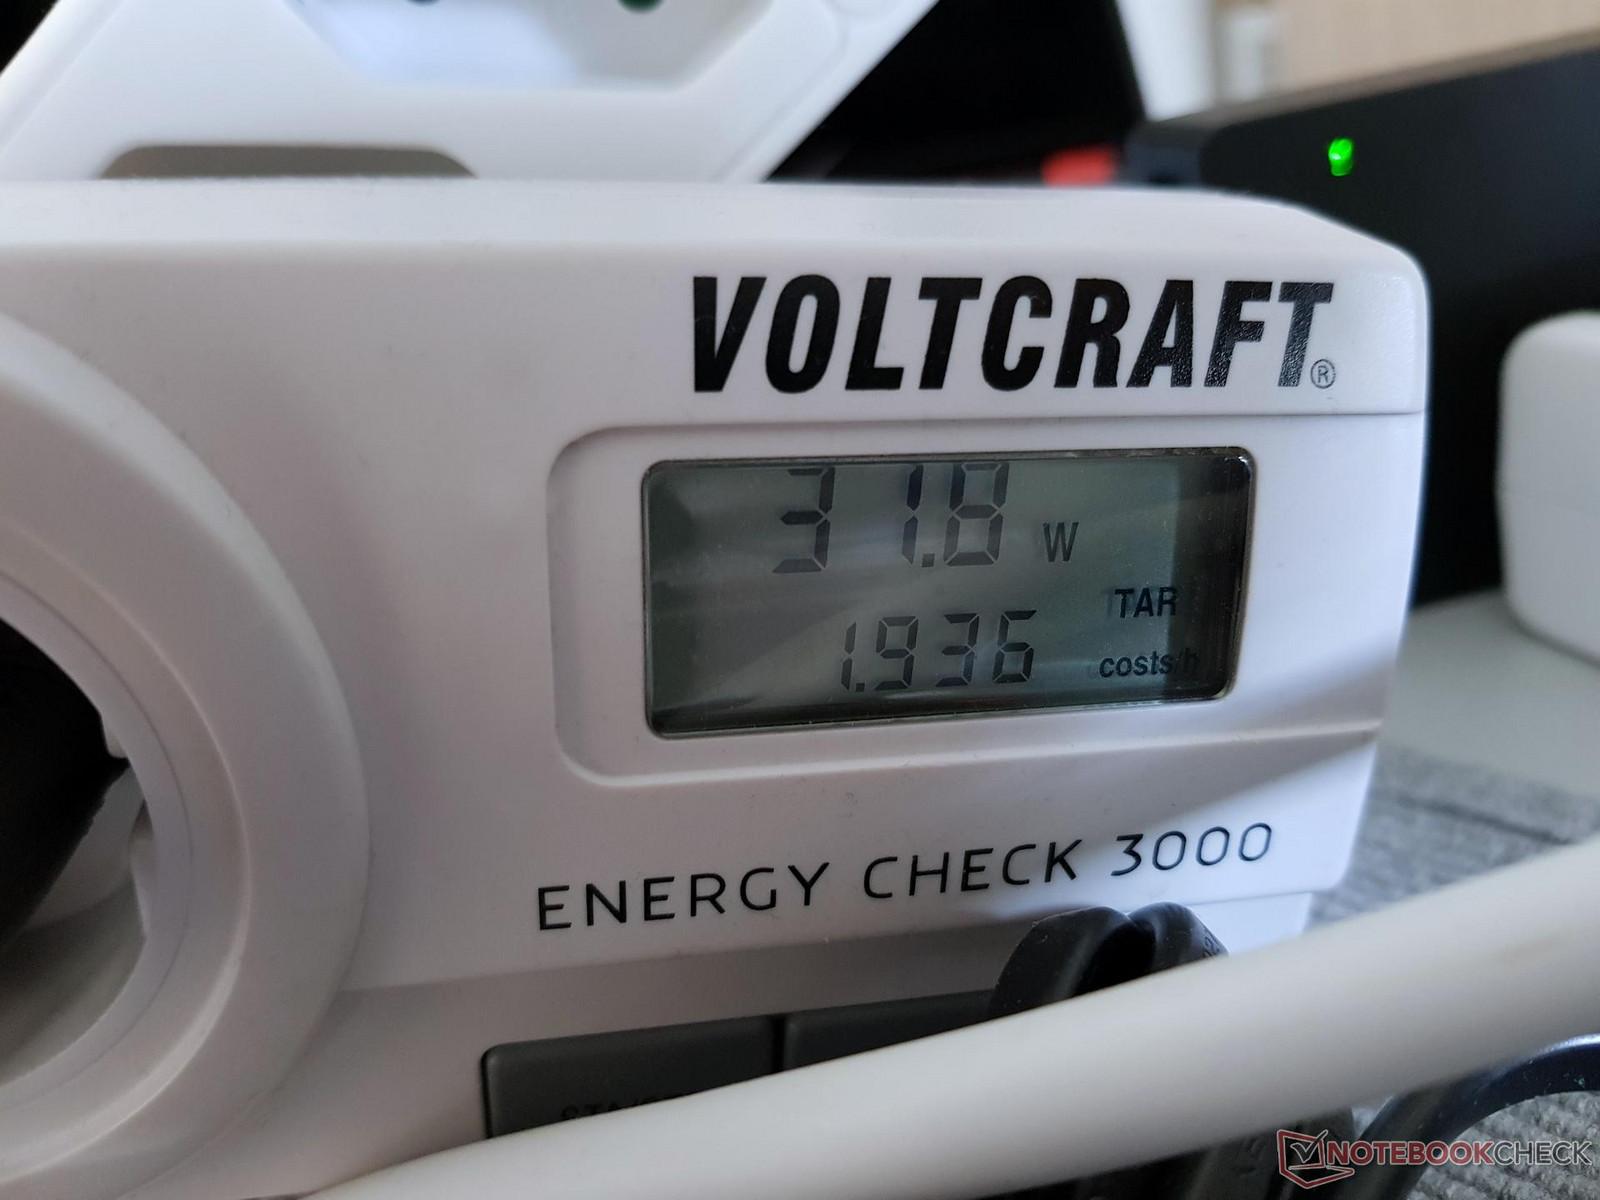 Hands-on: dodocool DP13 20100 mAh Power Bank with 45 Watt